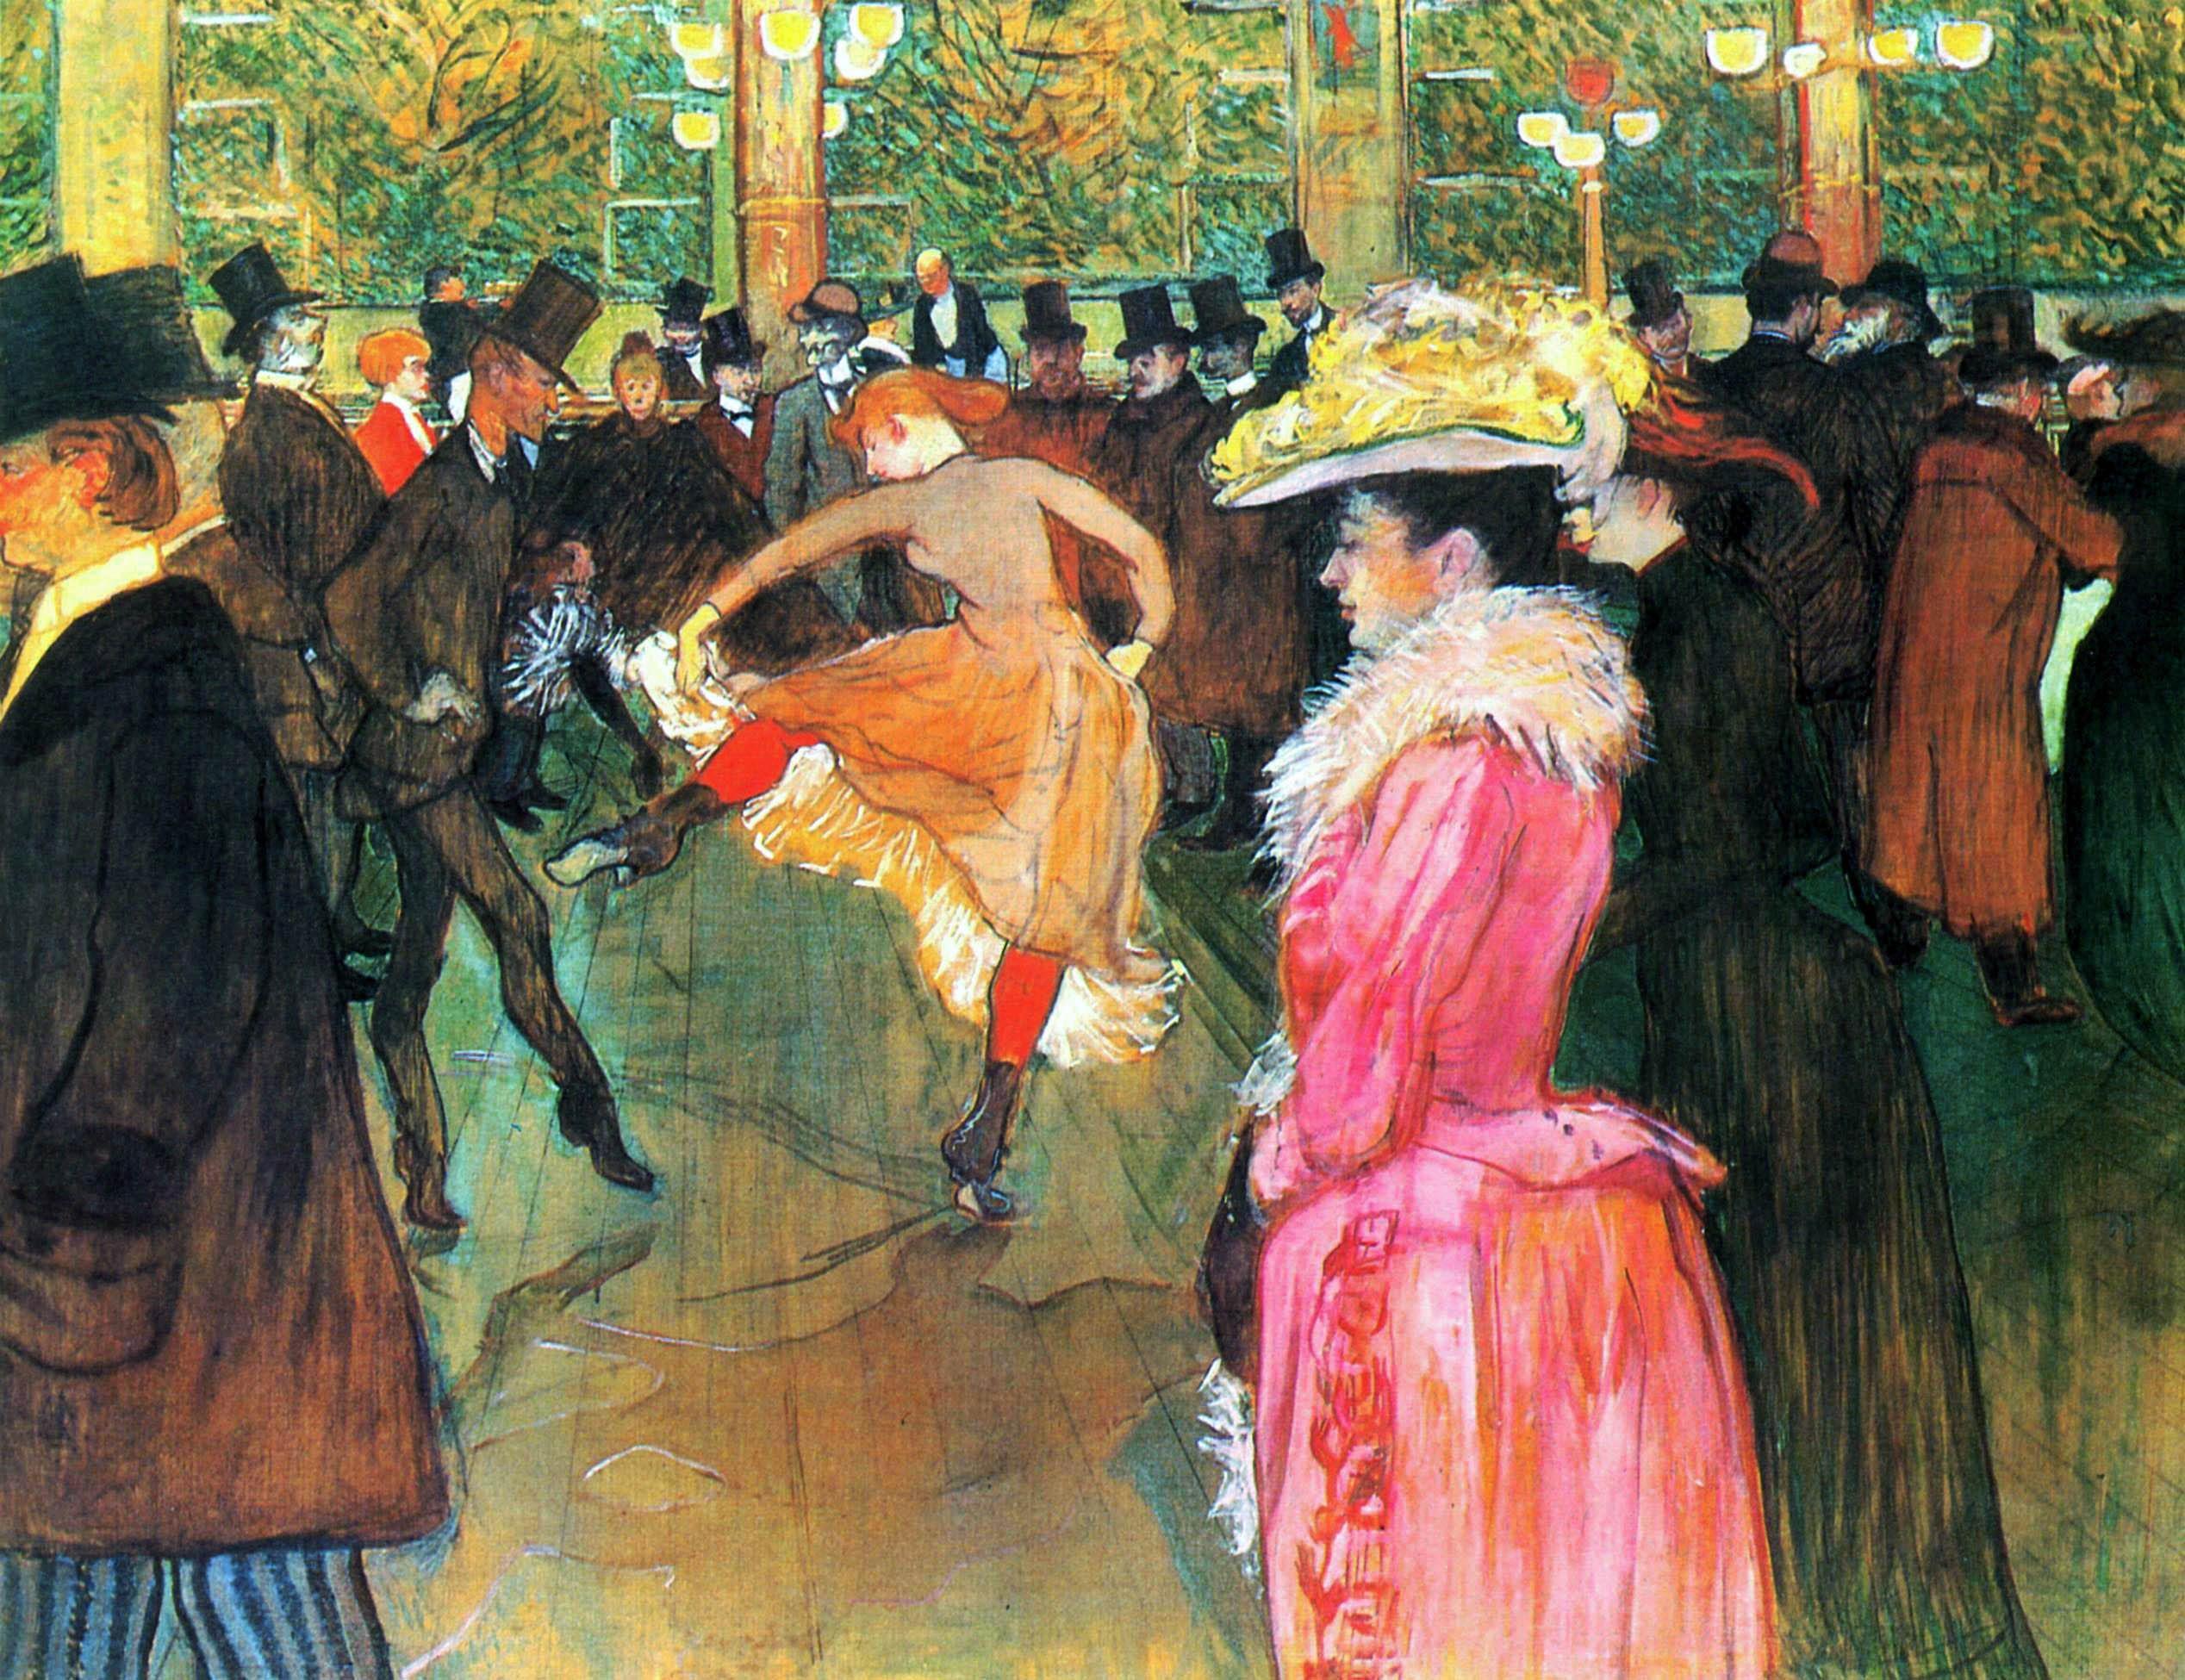 La dance au Moulin Rouge (1890) - Henri de Toulouse-Lautrec